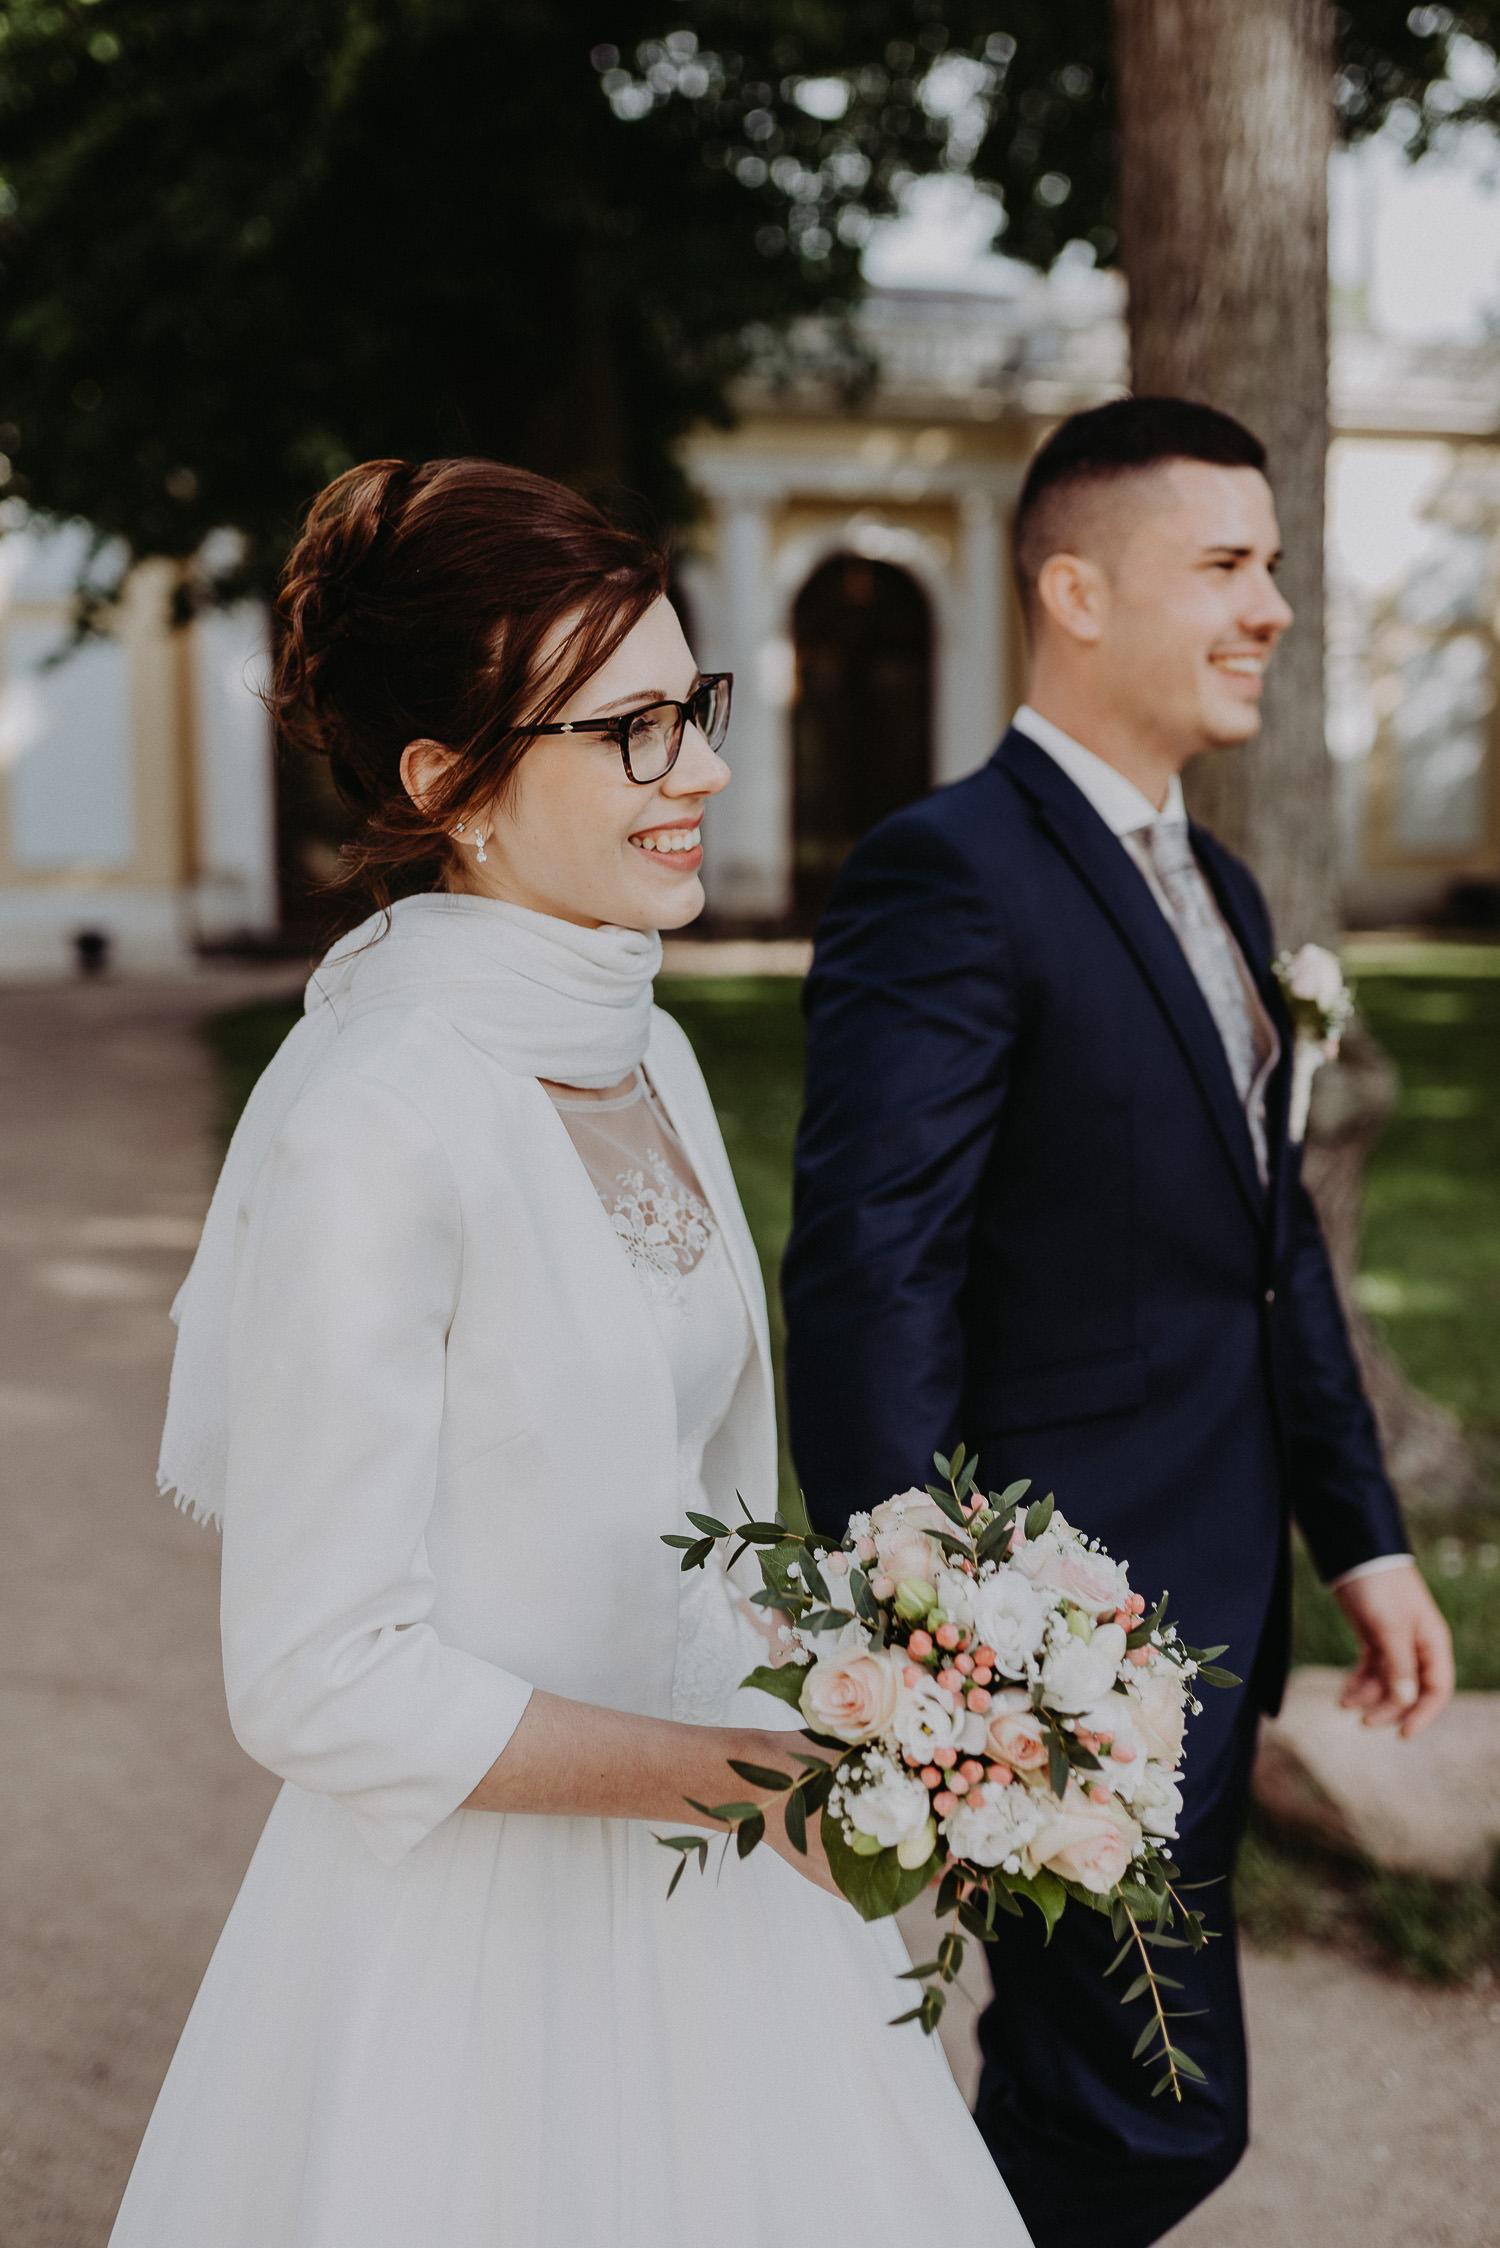 Kirchliche-Hochzeit-in-Wörlitz-Wörlitzer-Hof-by-Steven-Schwanz-84